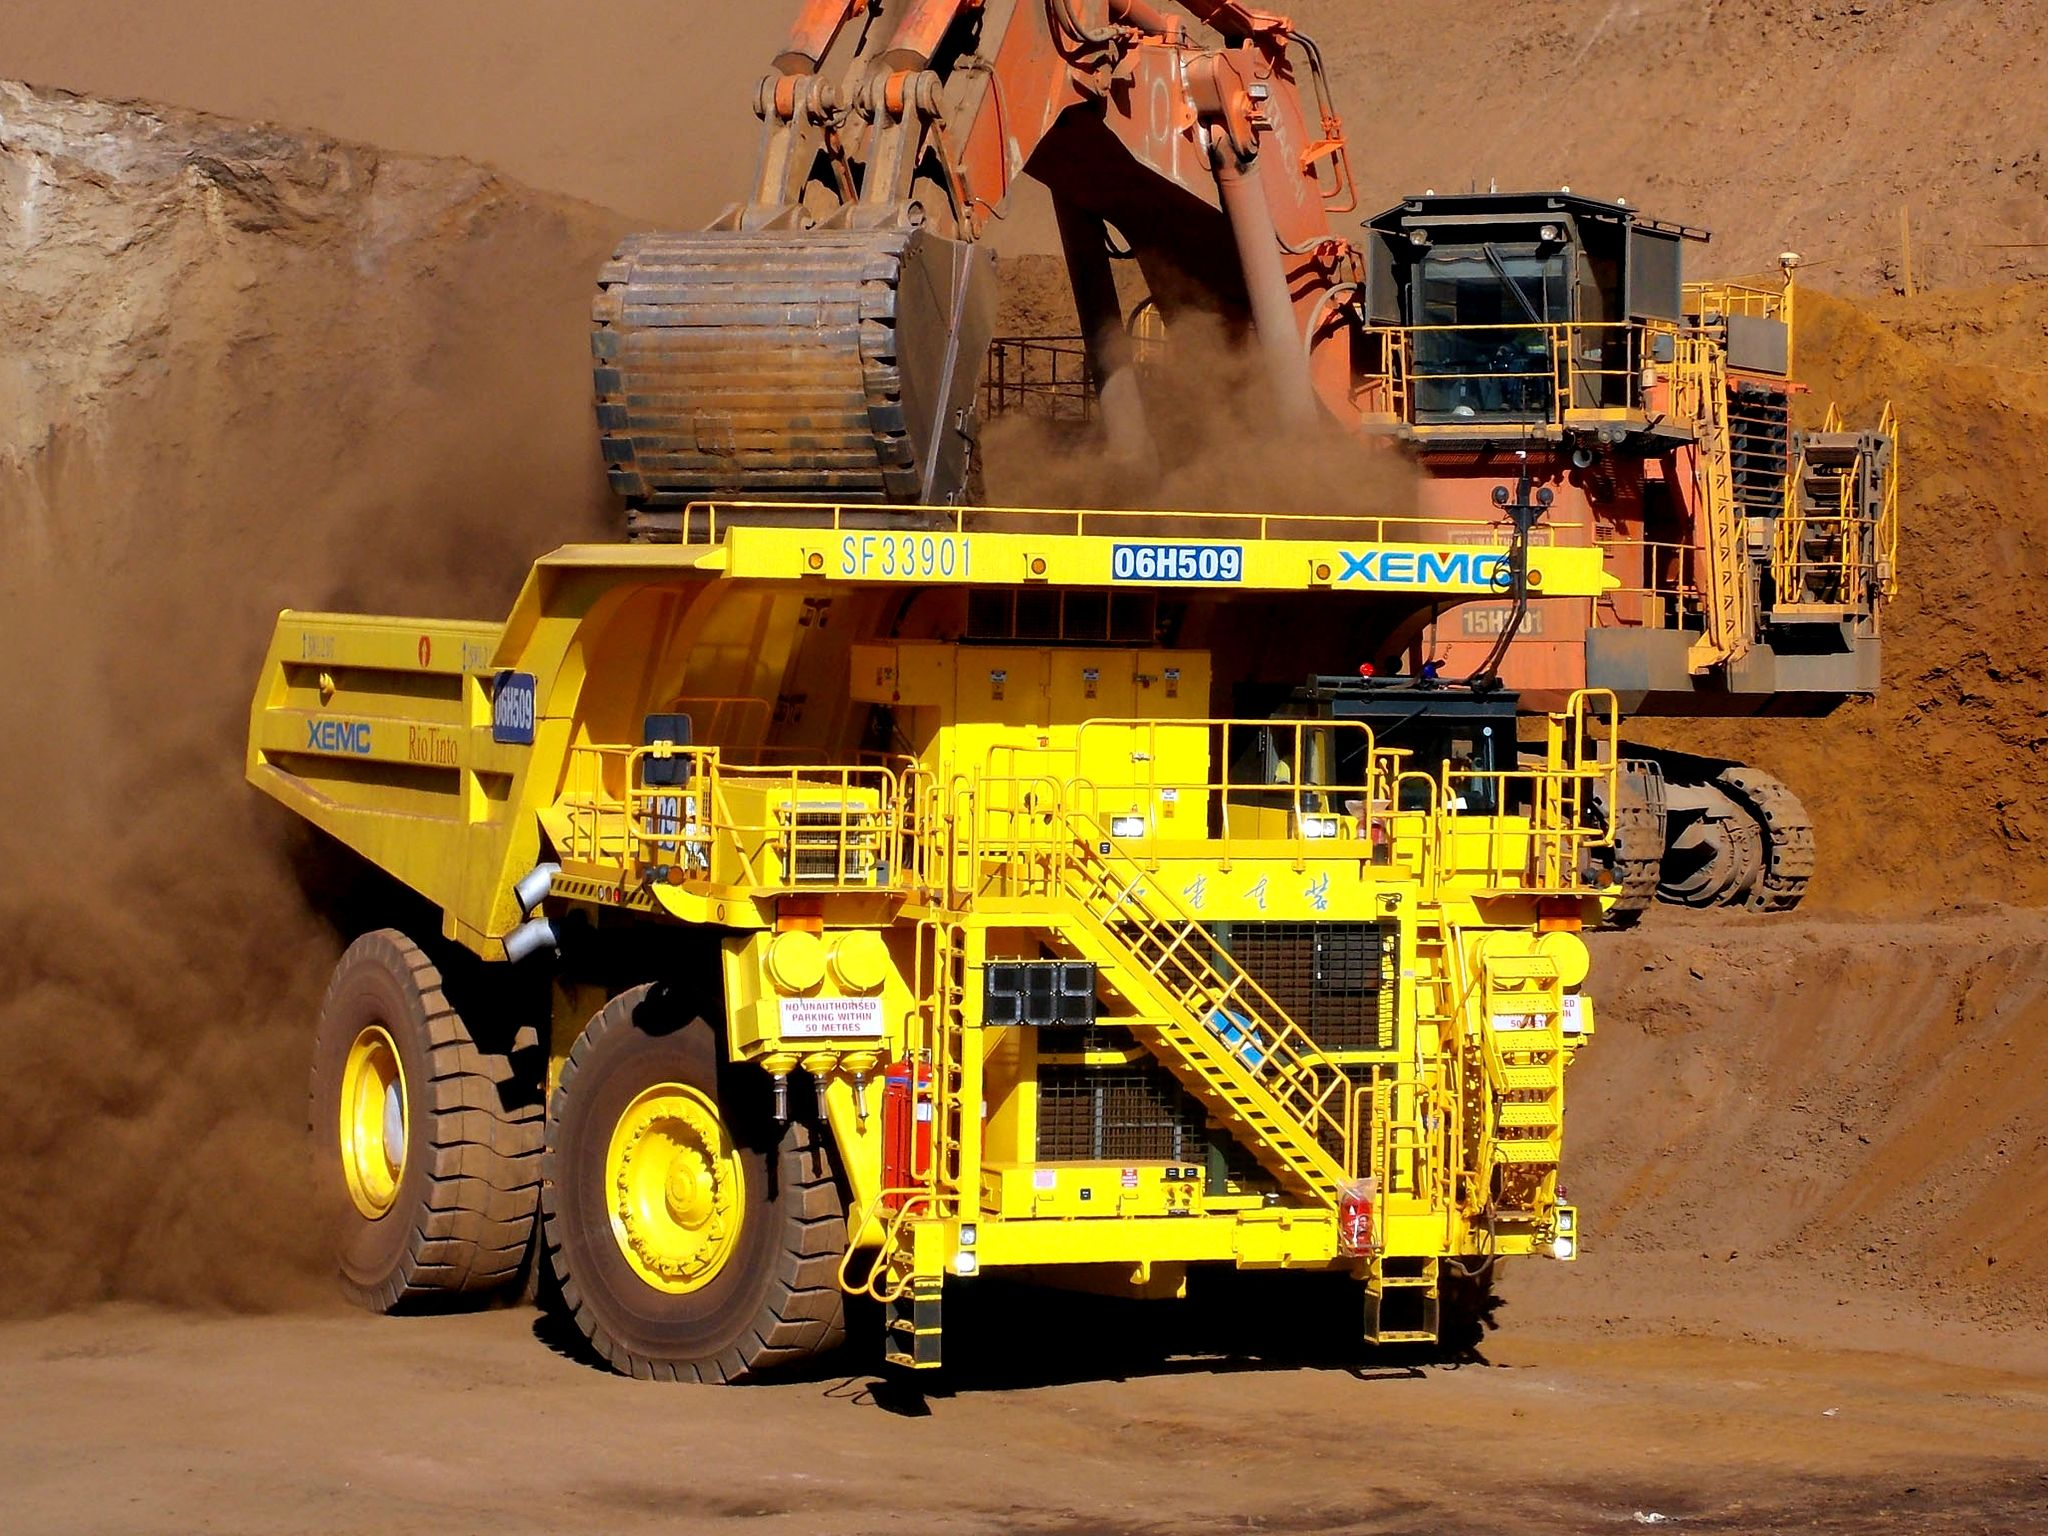 XEMC SF33901 construction dumptruck e Dump trucks